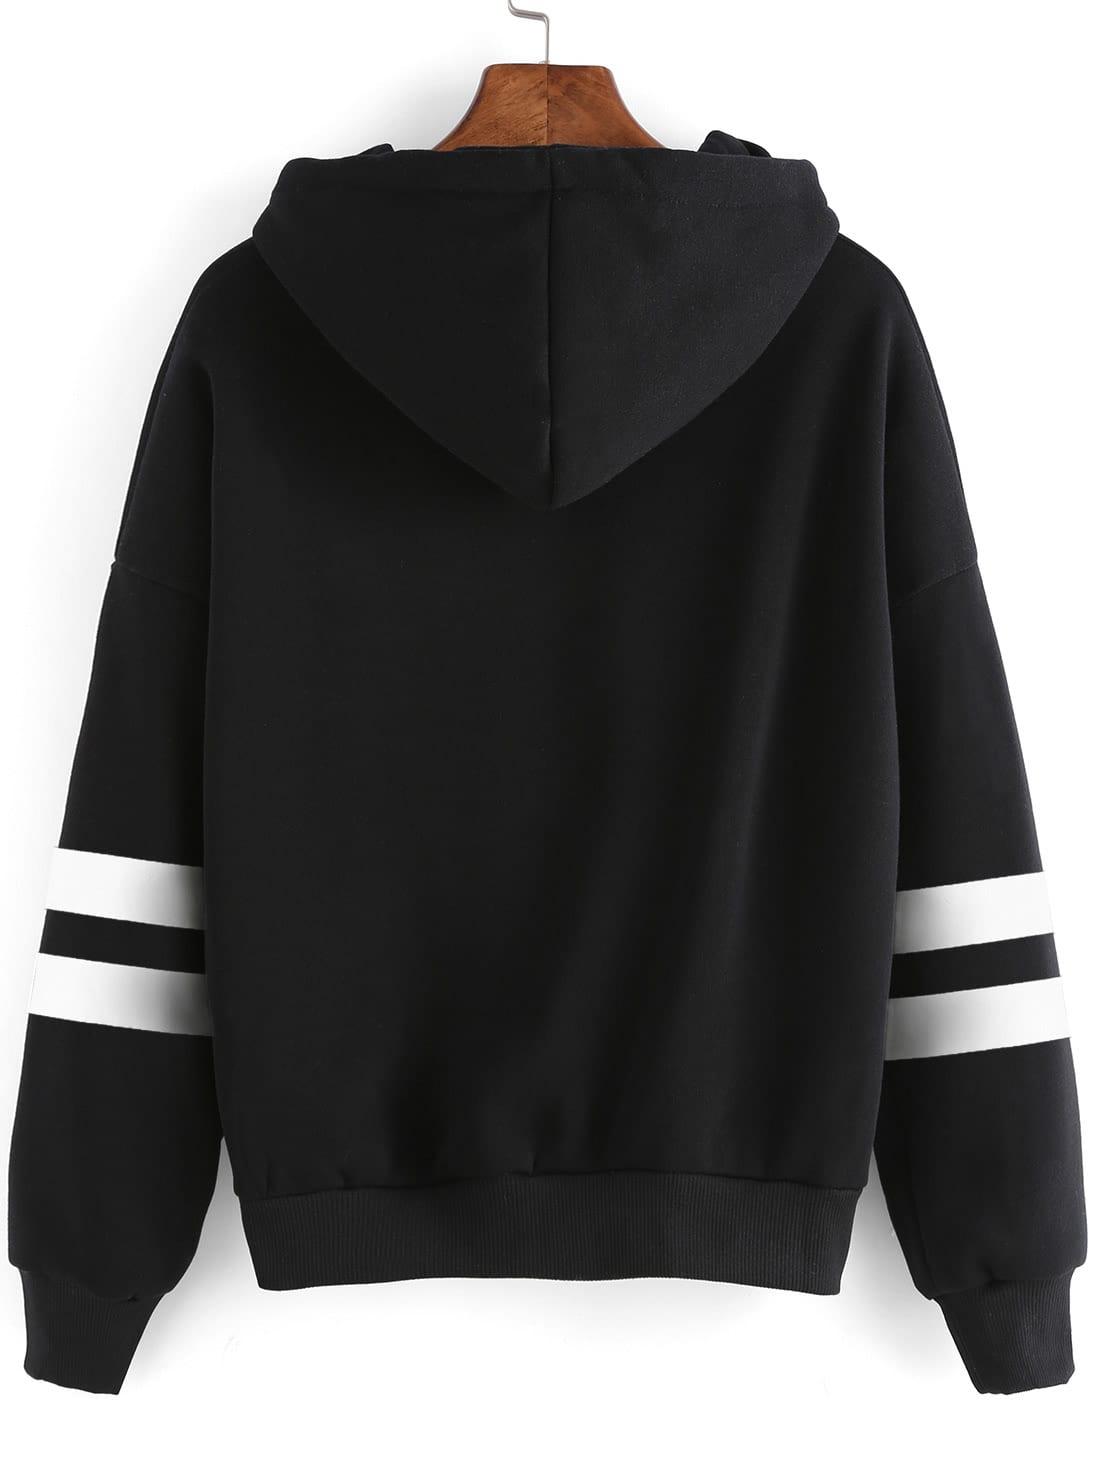 sweatshirt160913111_2